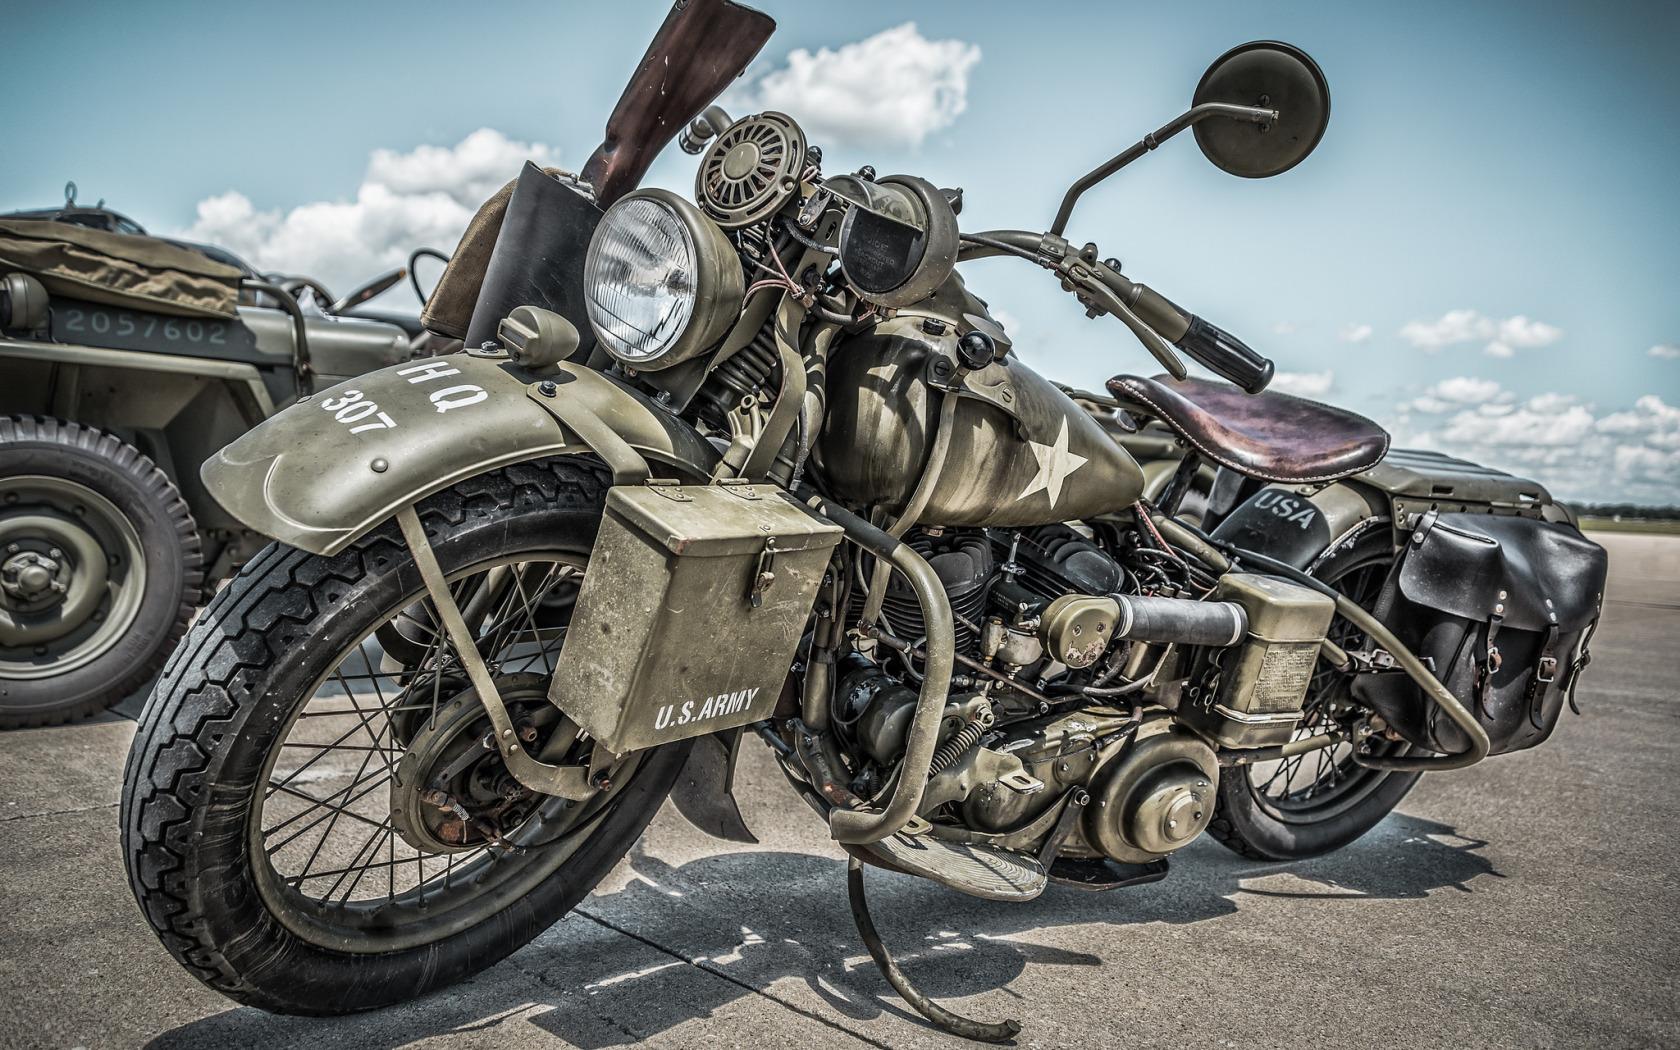 этот военные мотоциклы фото и картинки более